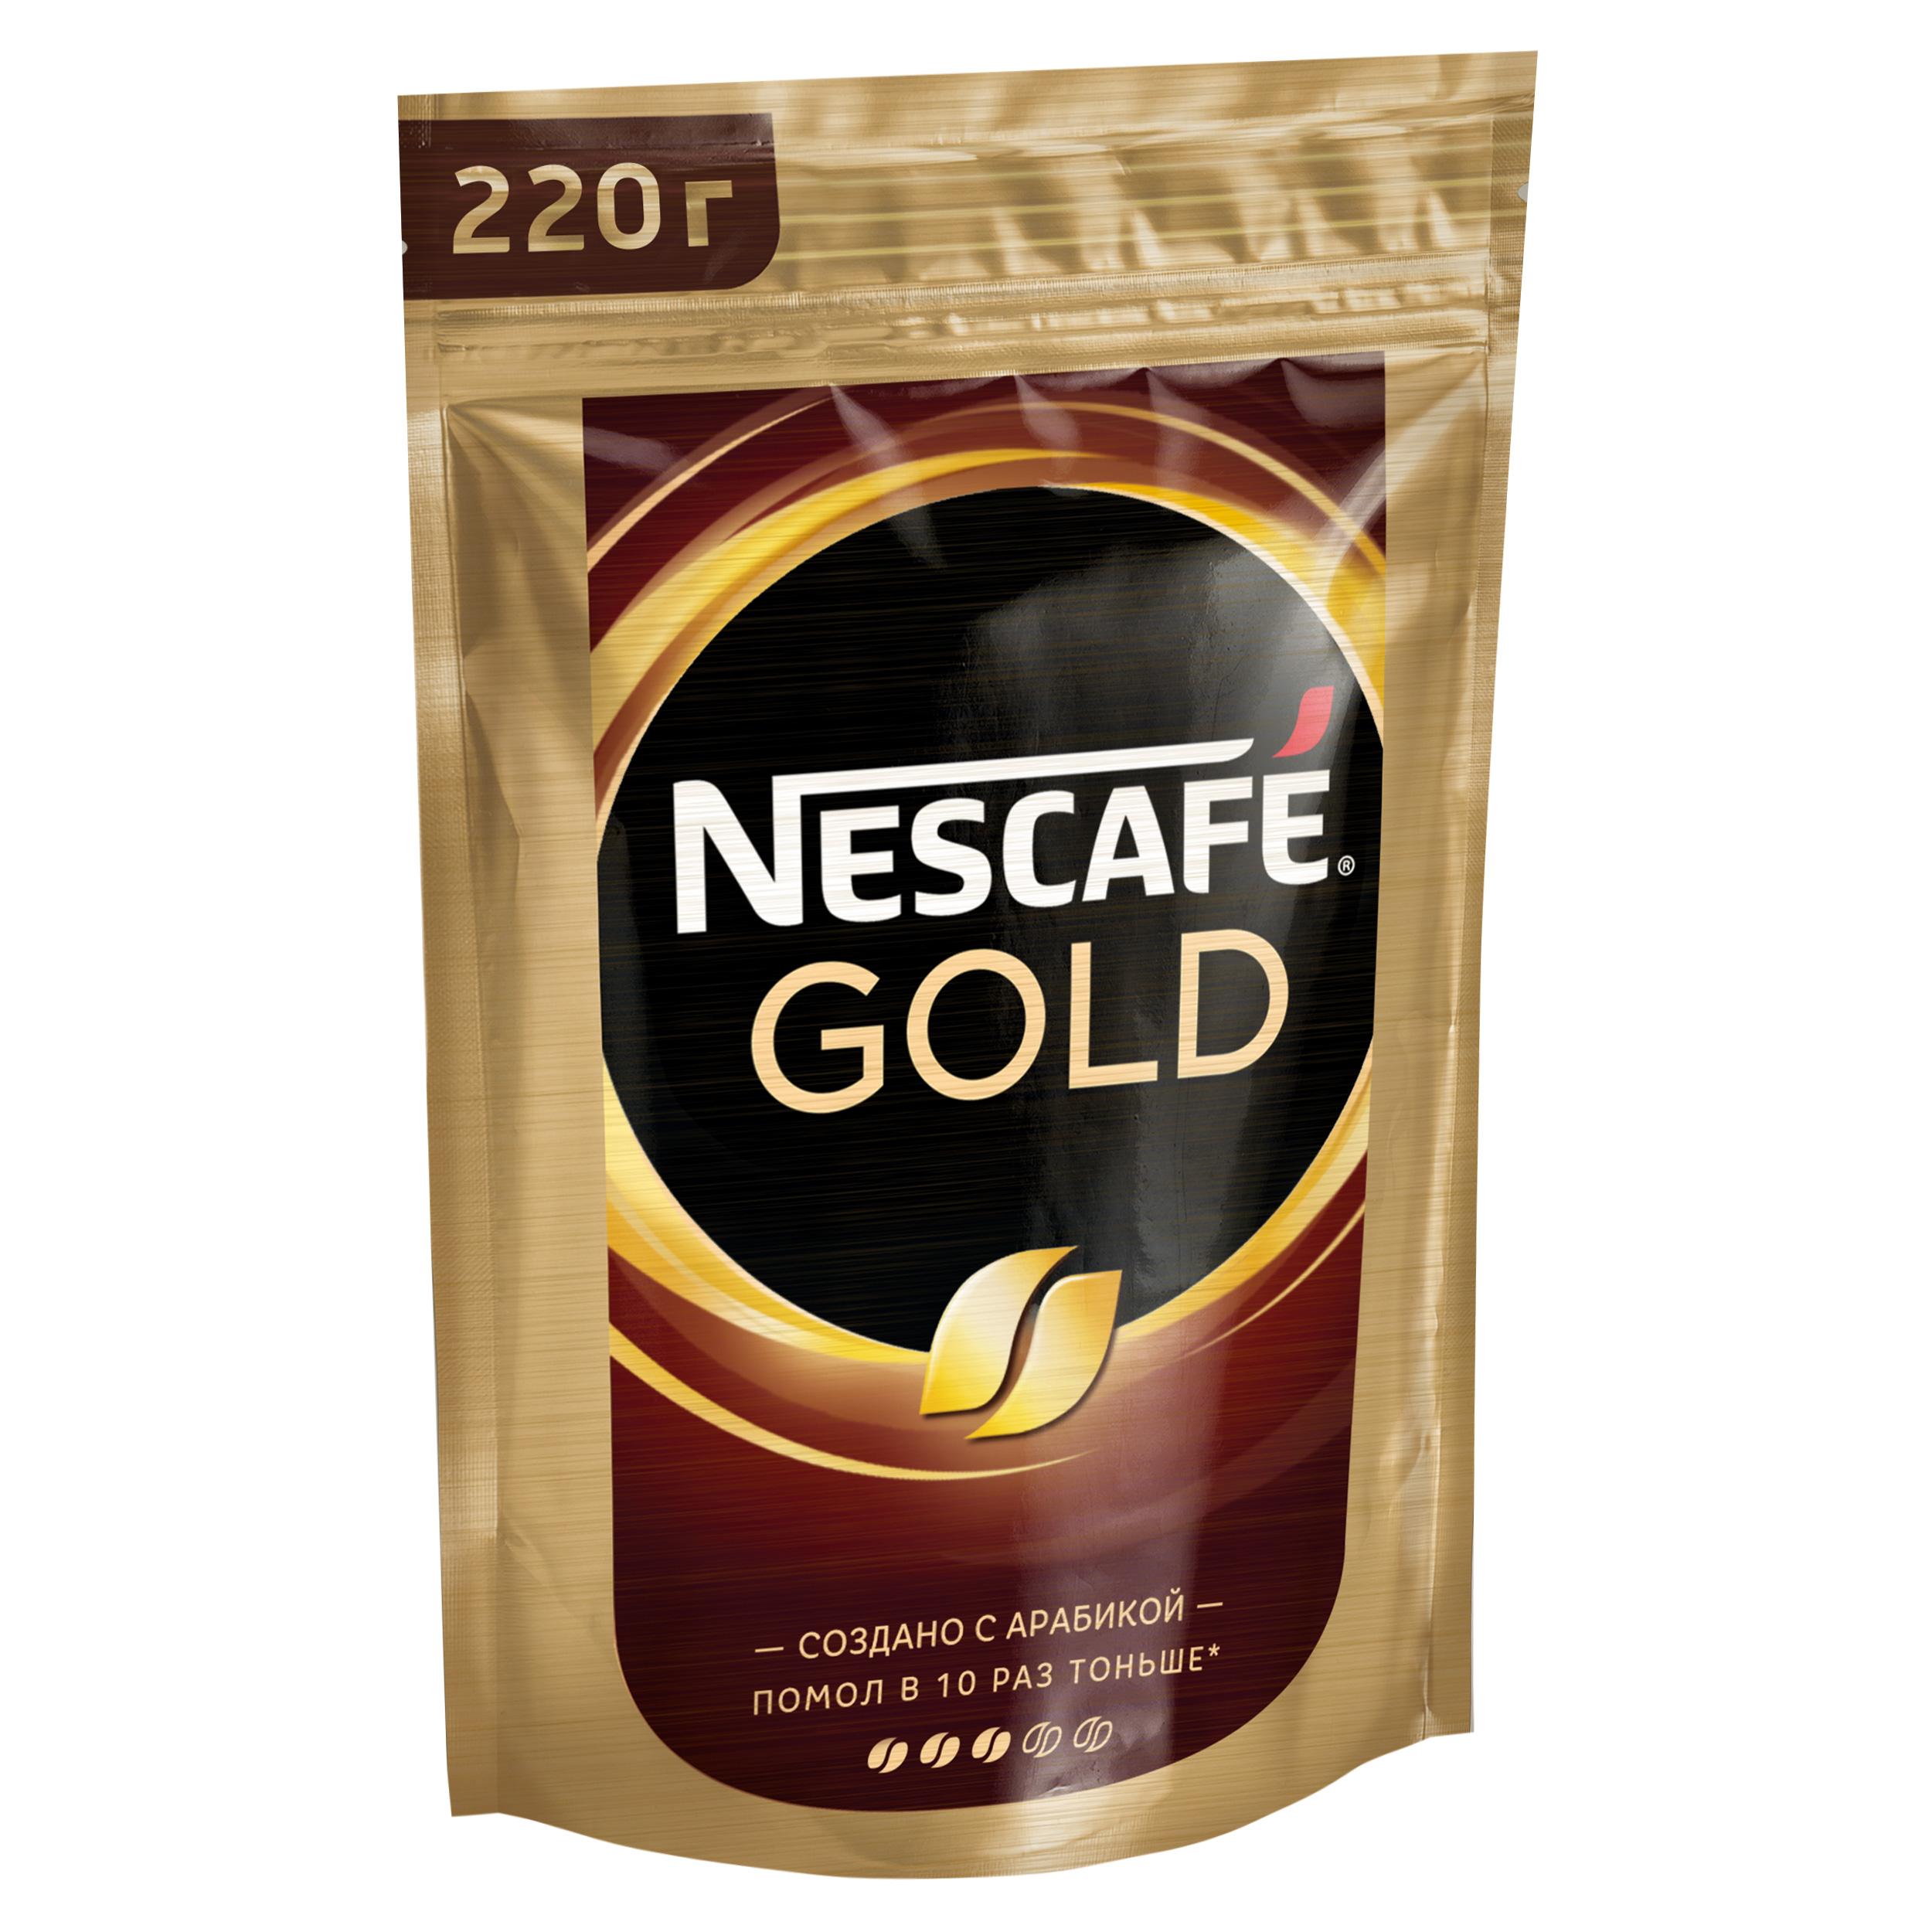 Кофе растворимый Nescafe gold пакет 220 г